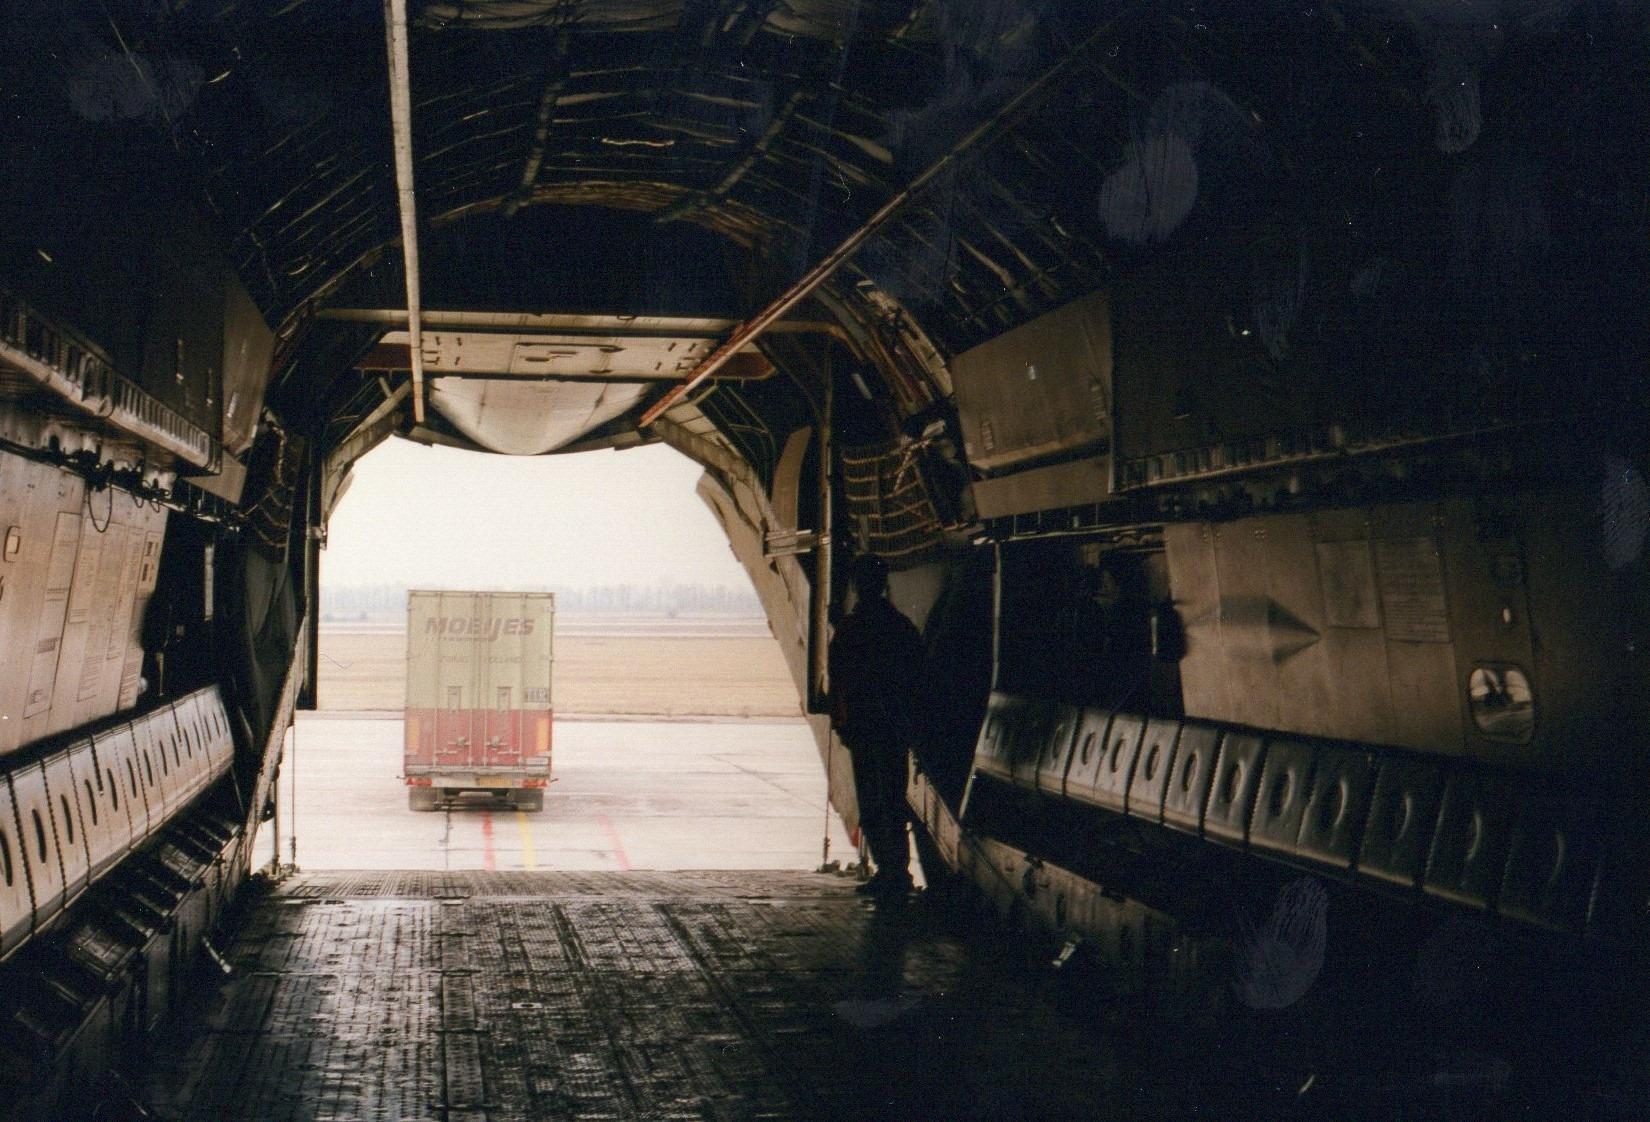 1993-Transporten-medicijnen-voor-het-Rode-Kruis-met-bestemming-Armenie.-Rijden-naar-Armenie-was-toen-te-gevaarlijk-in-Kiev-werd-het-overgeladen-11